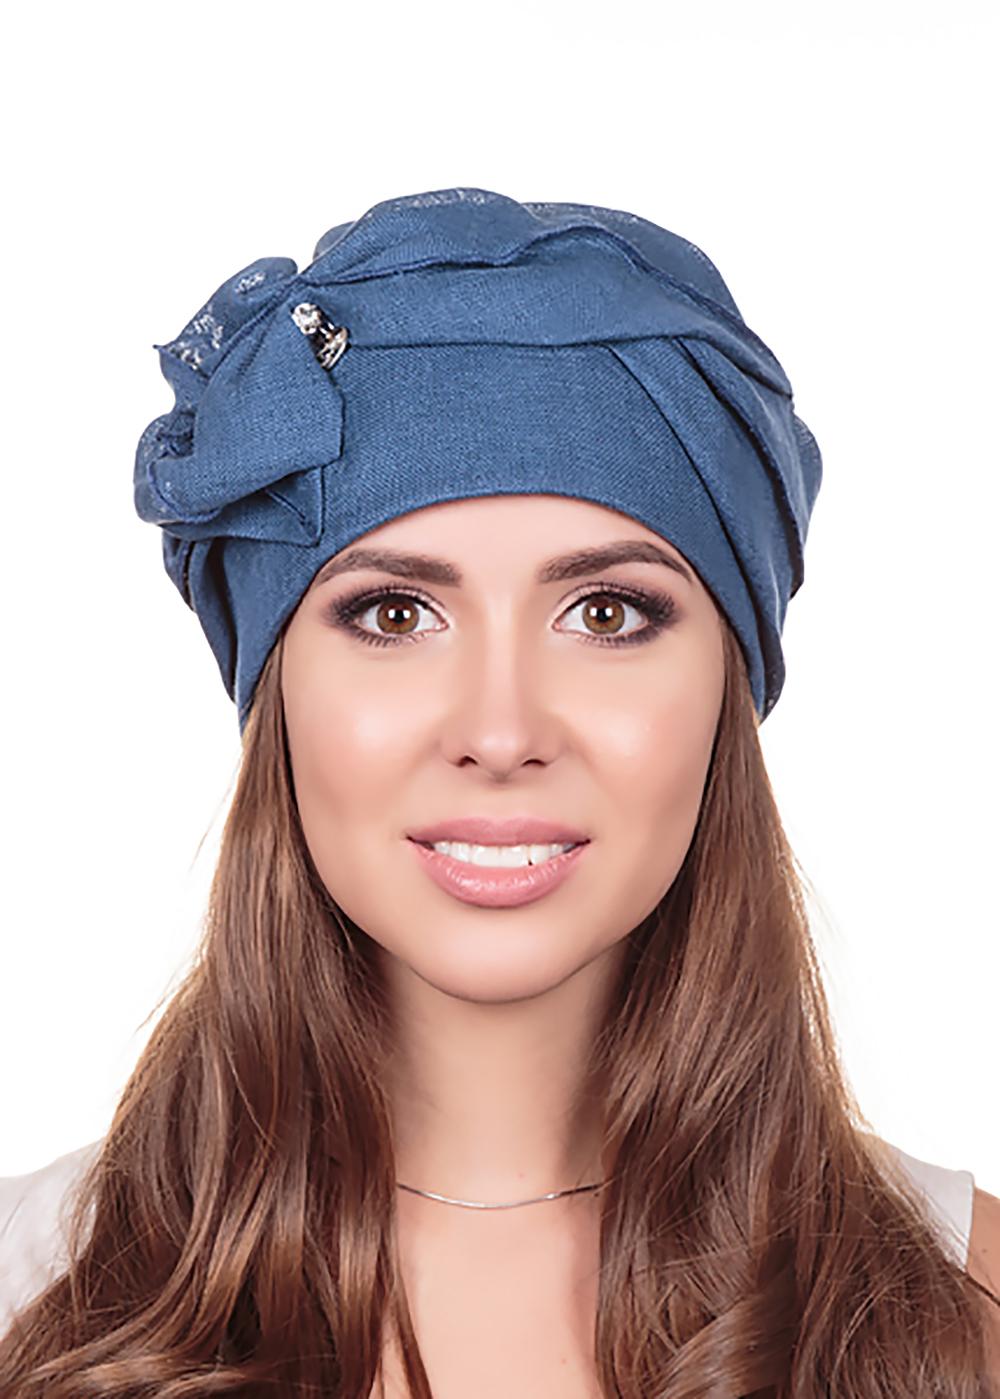 Бандана женская Level Pro Мэри, цвет: синий. 412637. Размер 56/58 бандана 4fun 4fun thermal pro wolf blue синий